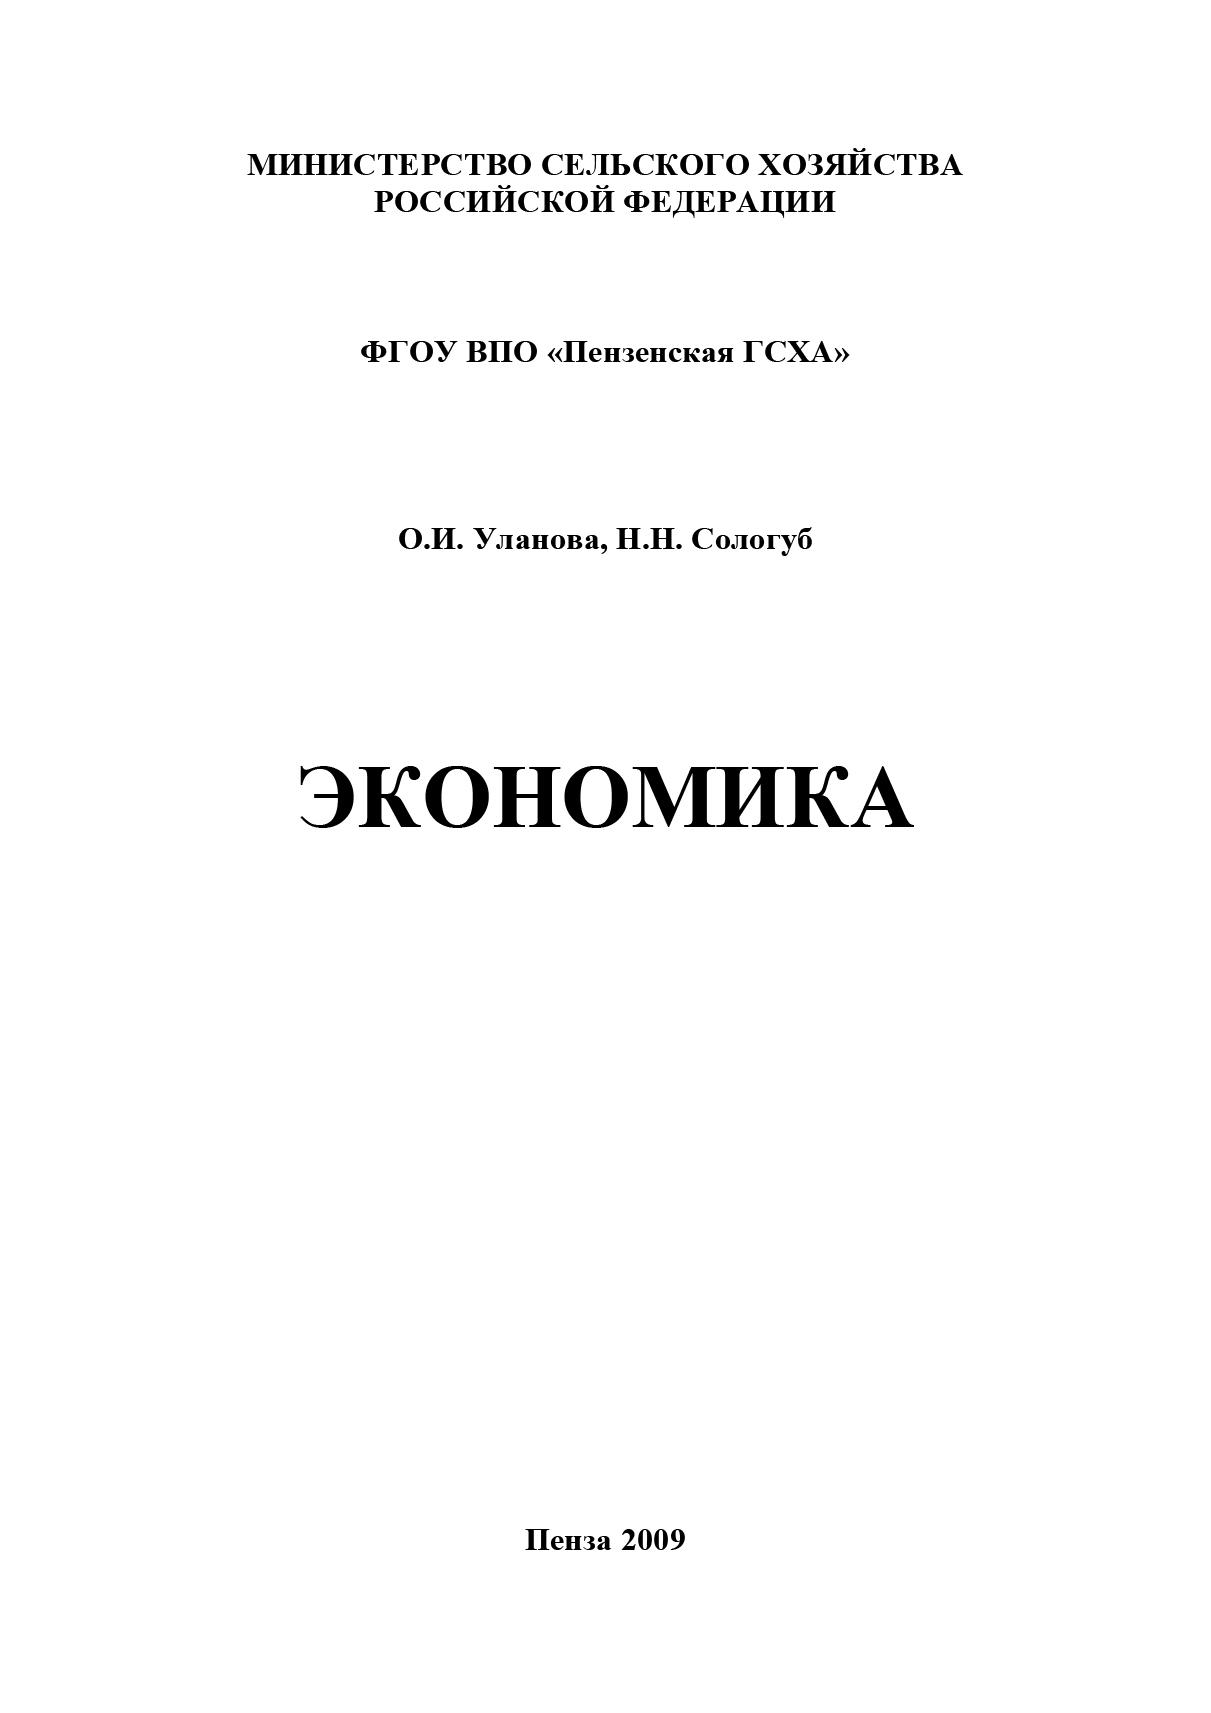 Н. Н. Сологуб Экономика в г гусаков аграрная экономика термины и понятия